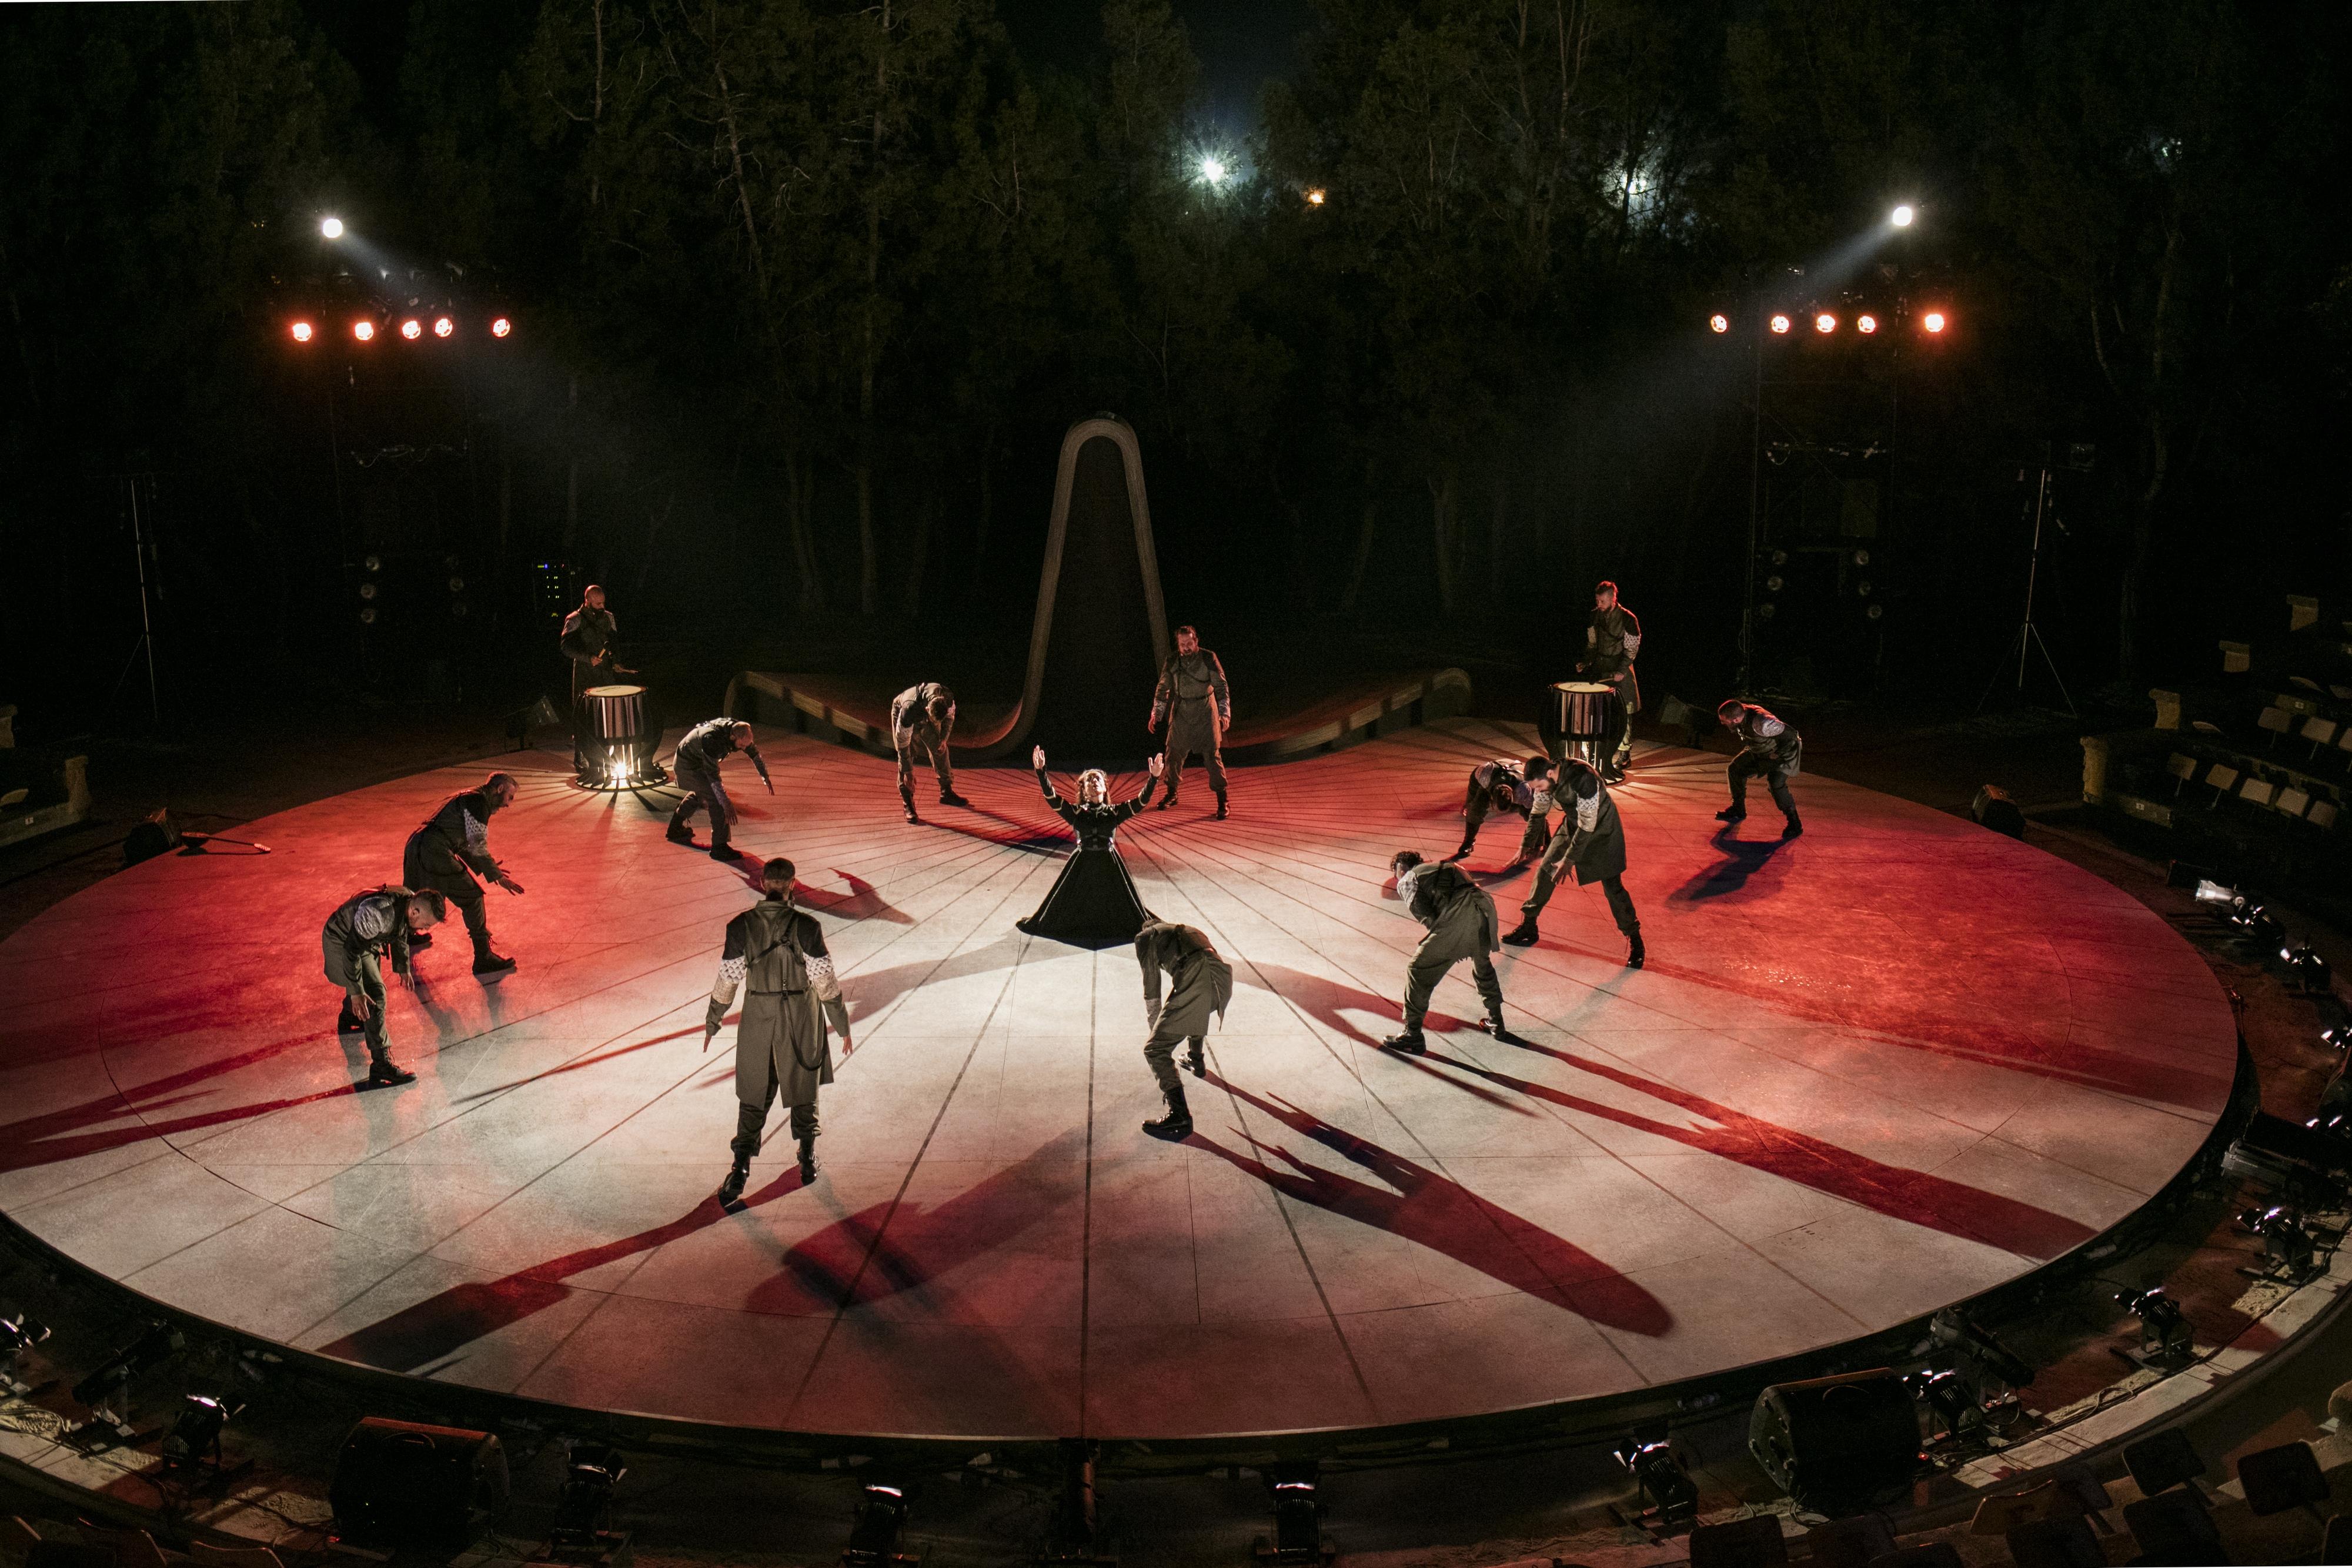 Πέρσες, ο Θεατρικός Οργανισμός Κύπρου στο 46ο Φεστιβάλ Ολύμπου.